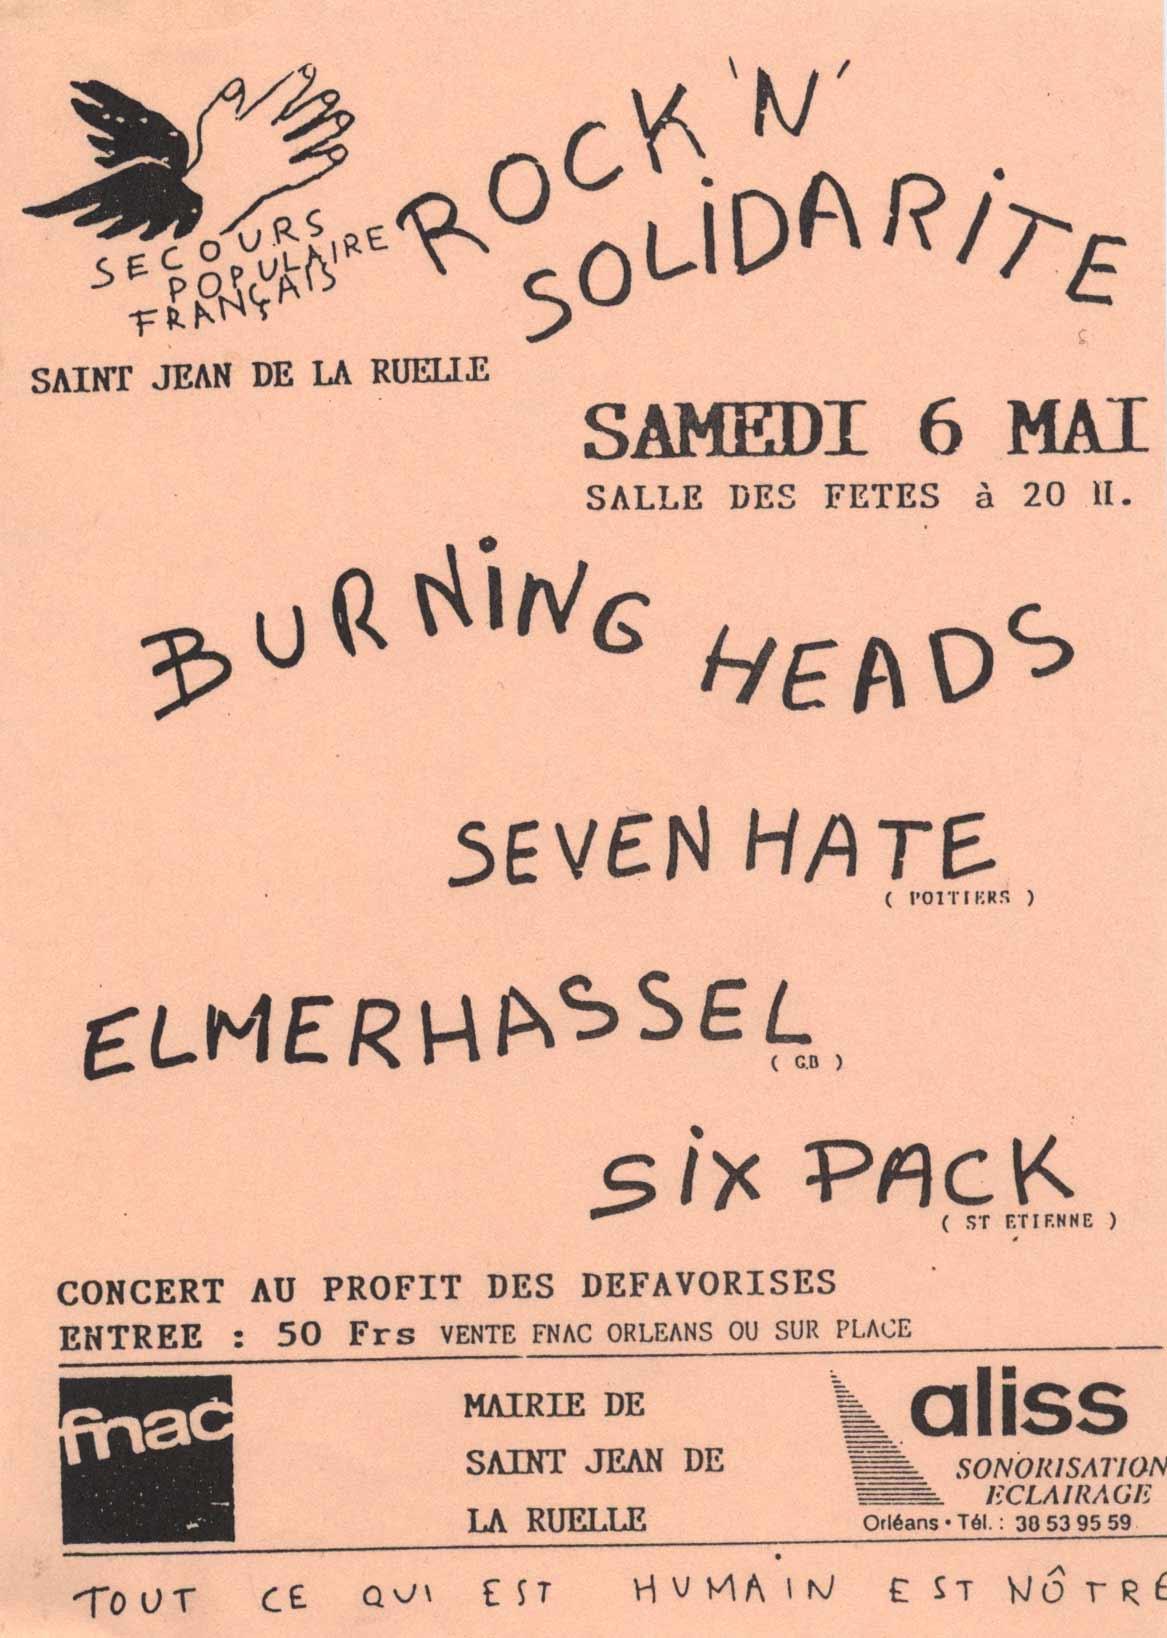 """6 mai 1995 Sixpack, Elmerhassel, Seven Hate, Burning Heads à Saint Jean de la Ruelle """"Salle des Fêtes"""""""